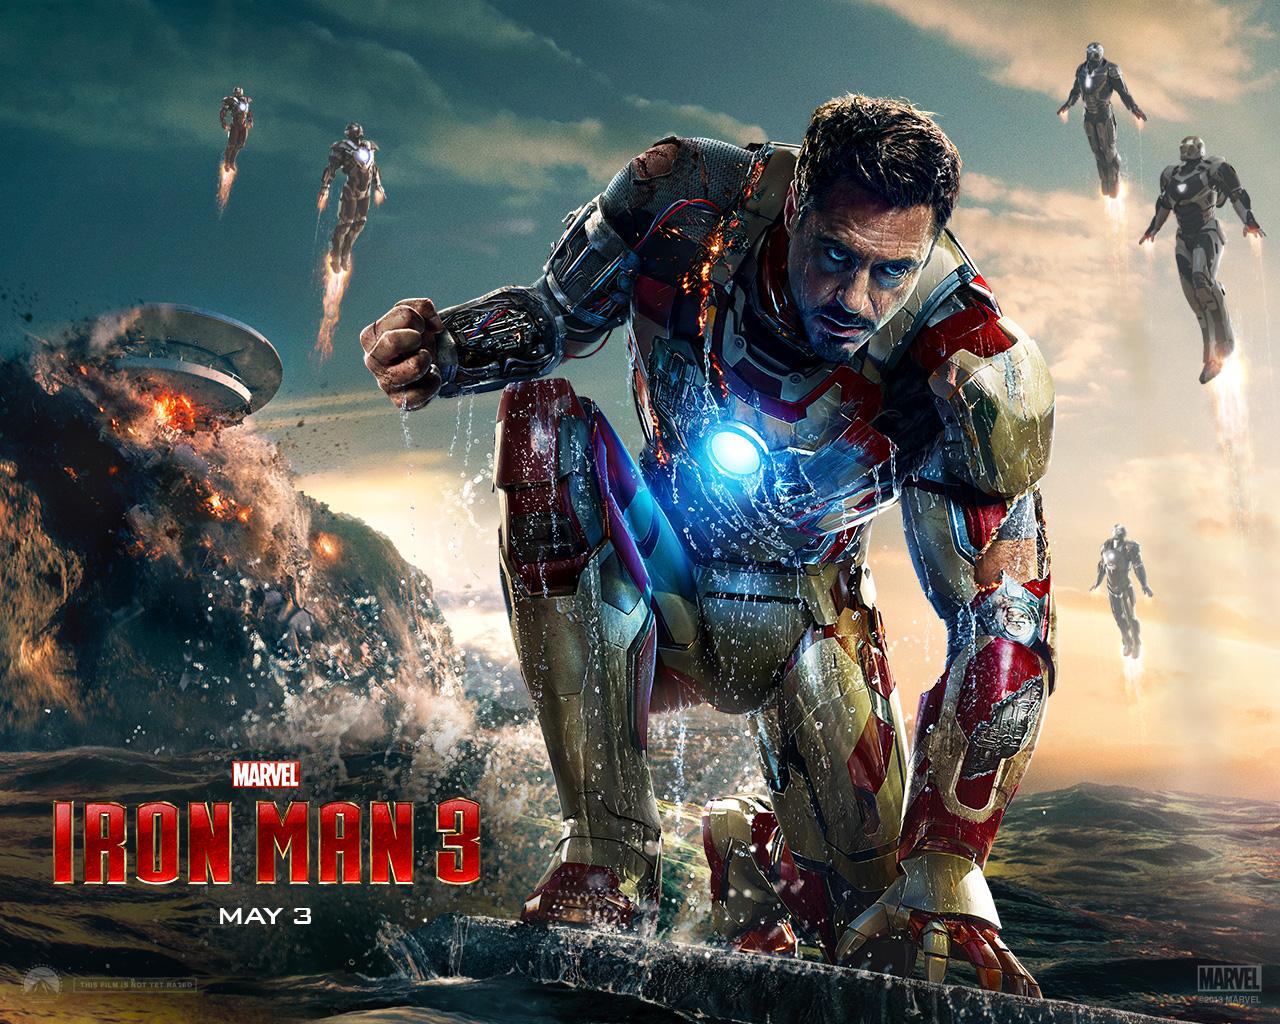 http://3.bp.blogspot.com/-z3zfEGhNmuE/UYX0D-71ZxI/AAAAAAAAAKU/RceJai752lo/s1600/New-Iron-Man-3-Wallpaper.jpg